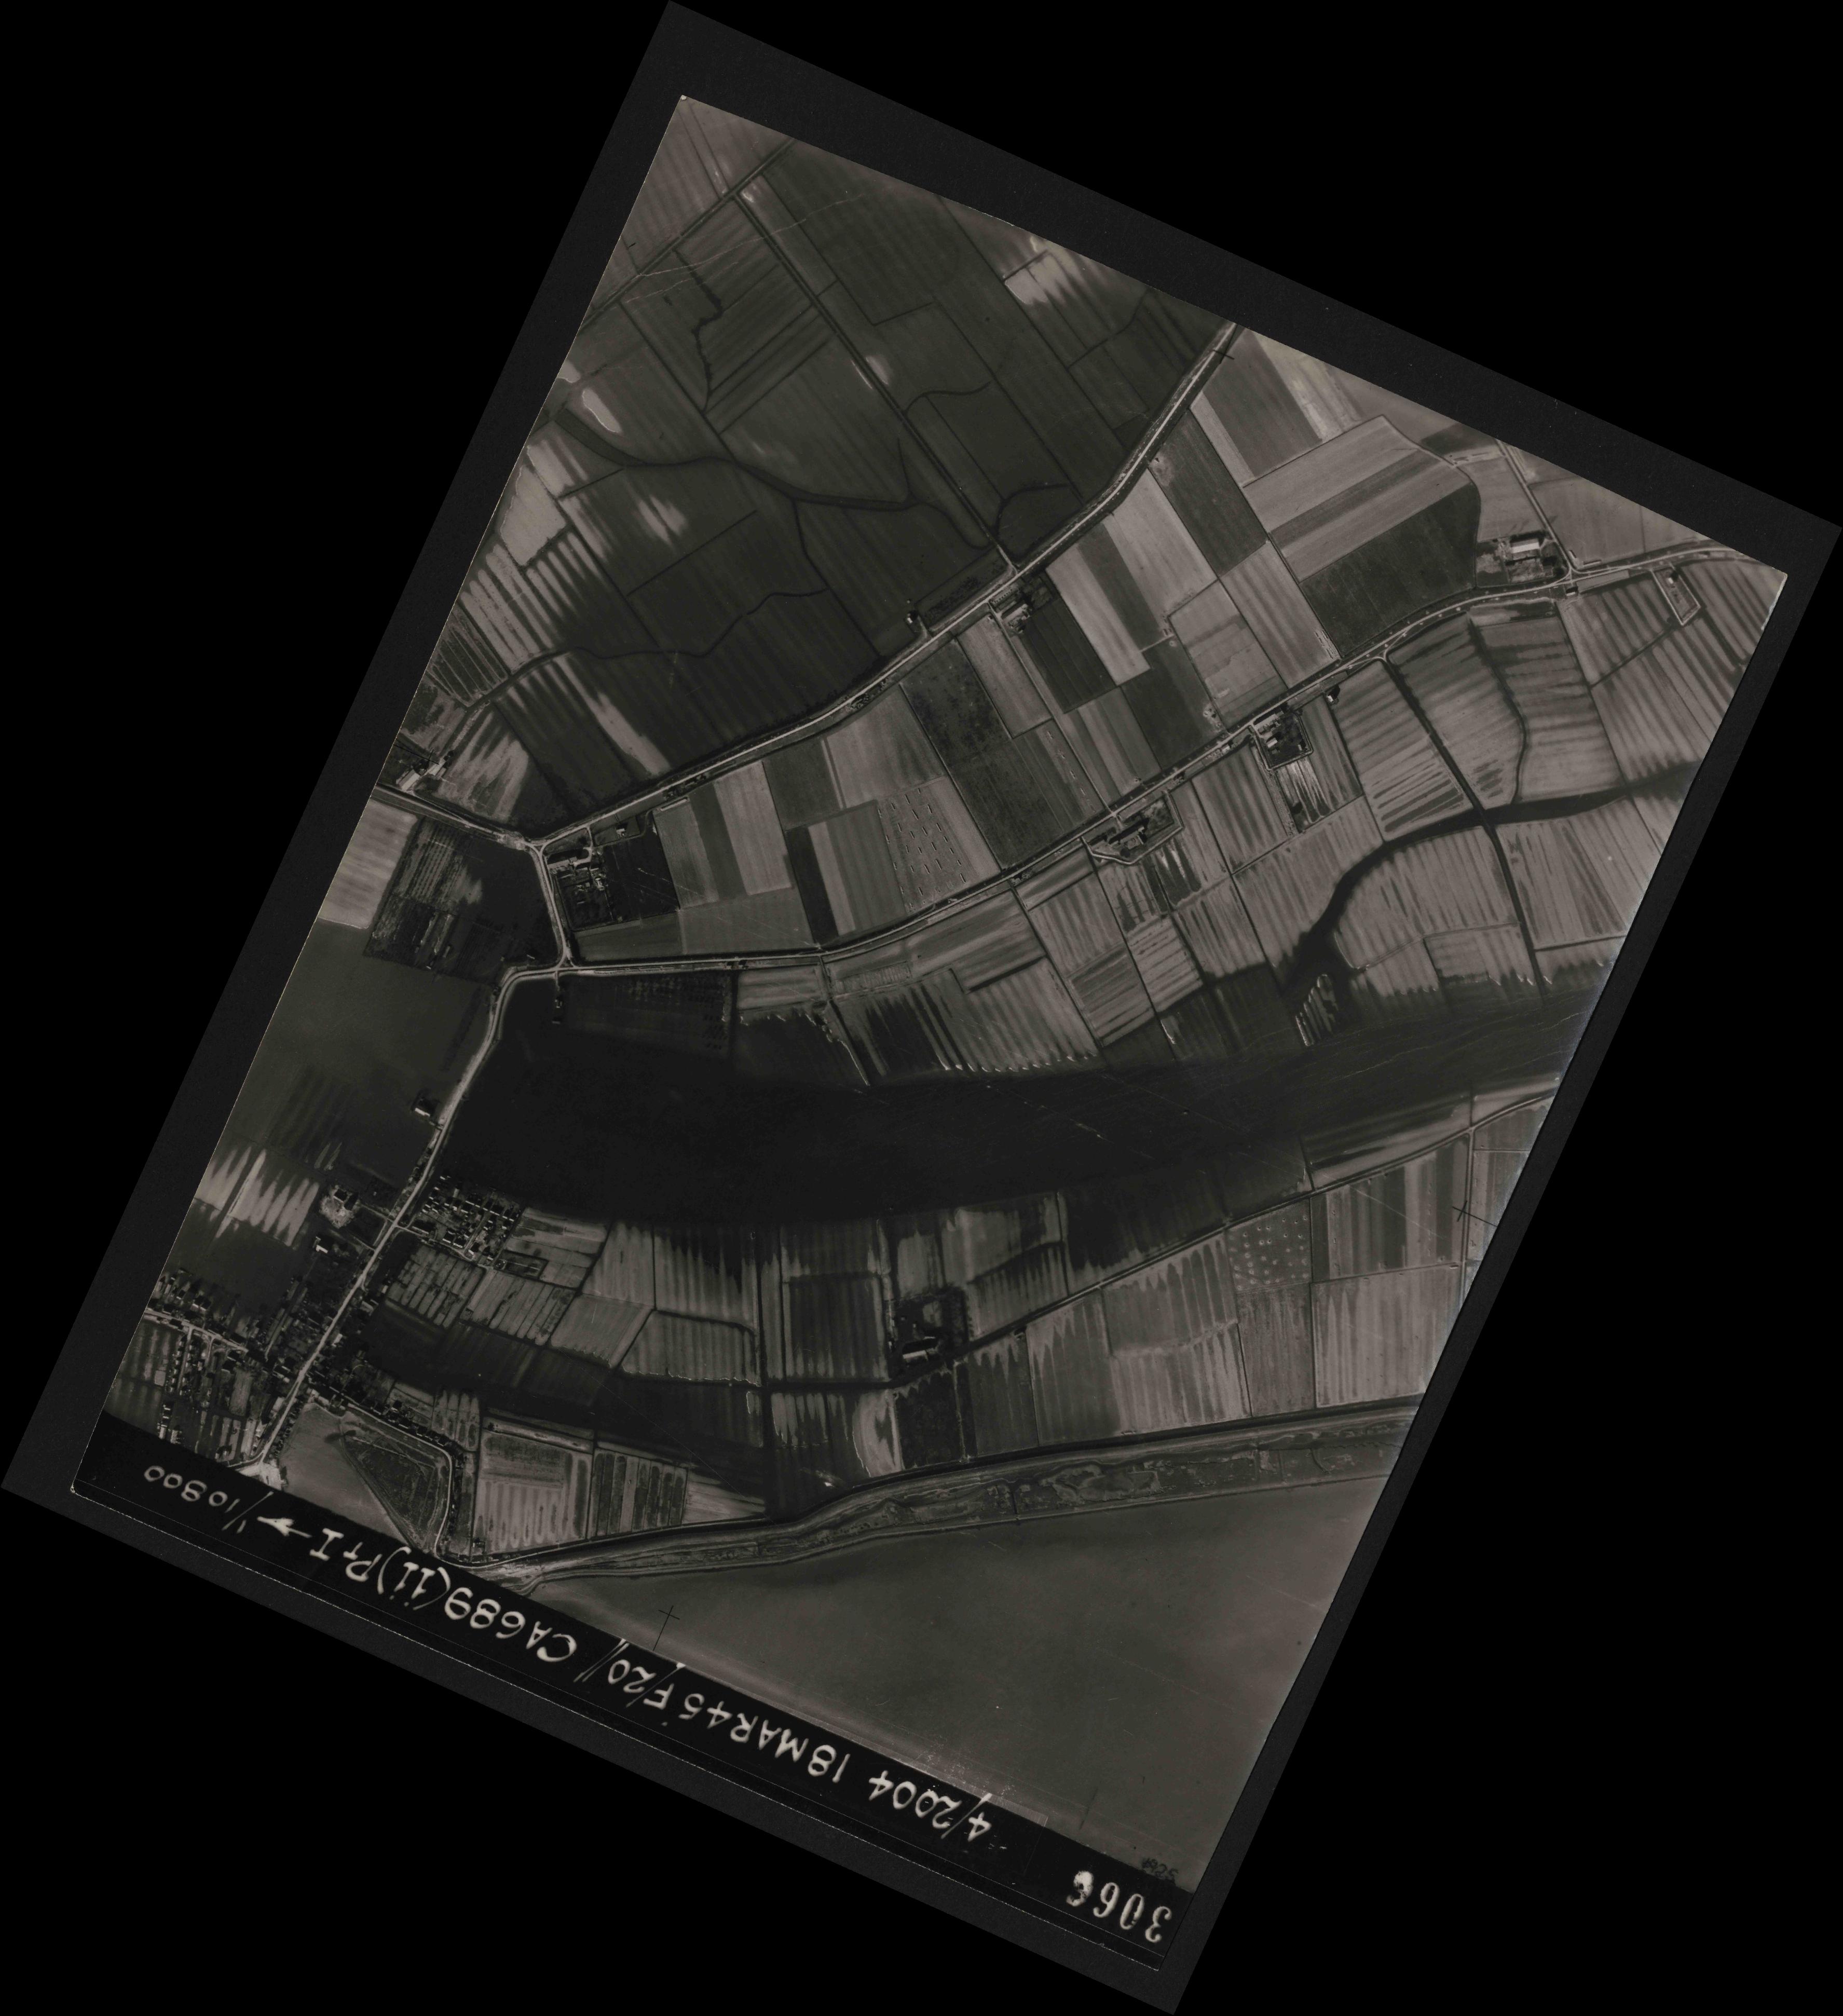 Collection RAF aerial photos 1940-1945 - flight 076, run 11, photo 3066